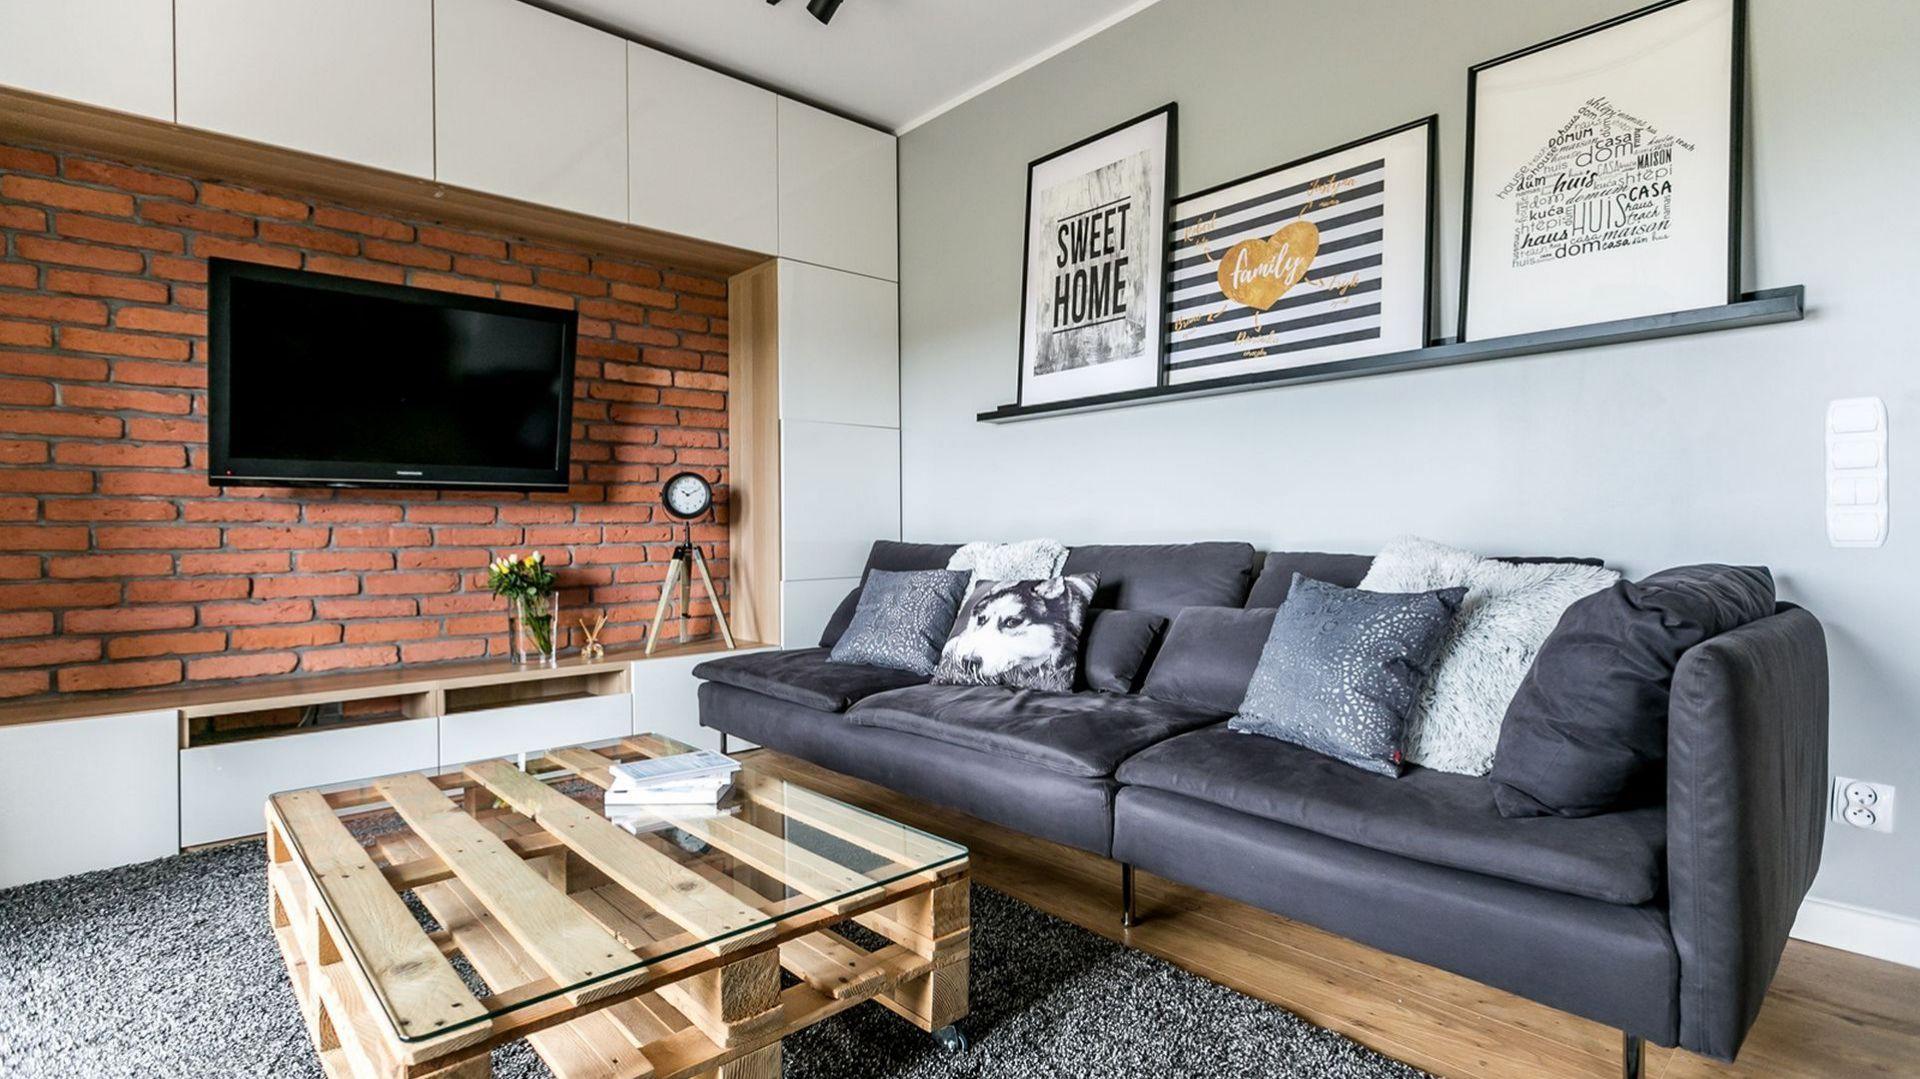 Ściana za telewizorem piękne prezentuje się w otoczeniu bieli, szarości i drewna.  Projekt: Urszula Chojnowska. Fot. Elżbieta Toczyłowska (Kreacje Domowe)